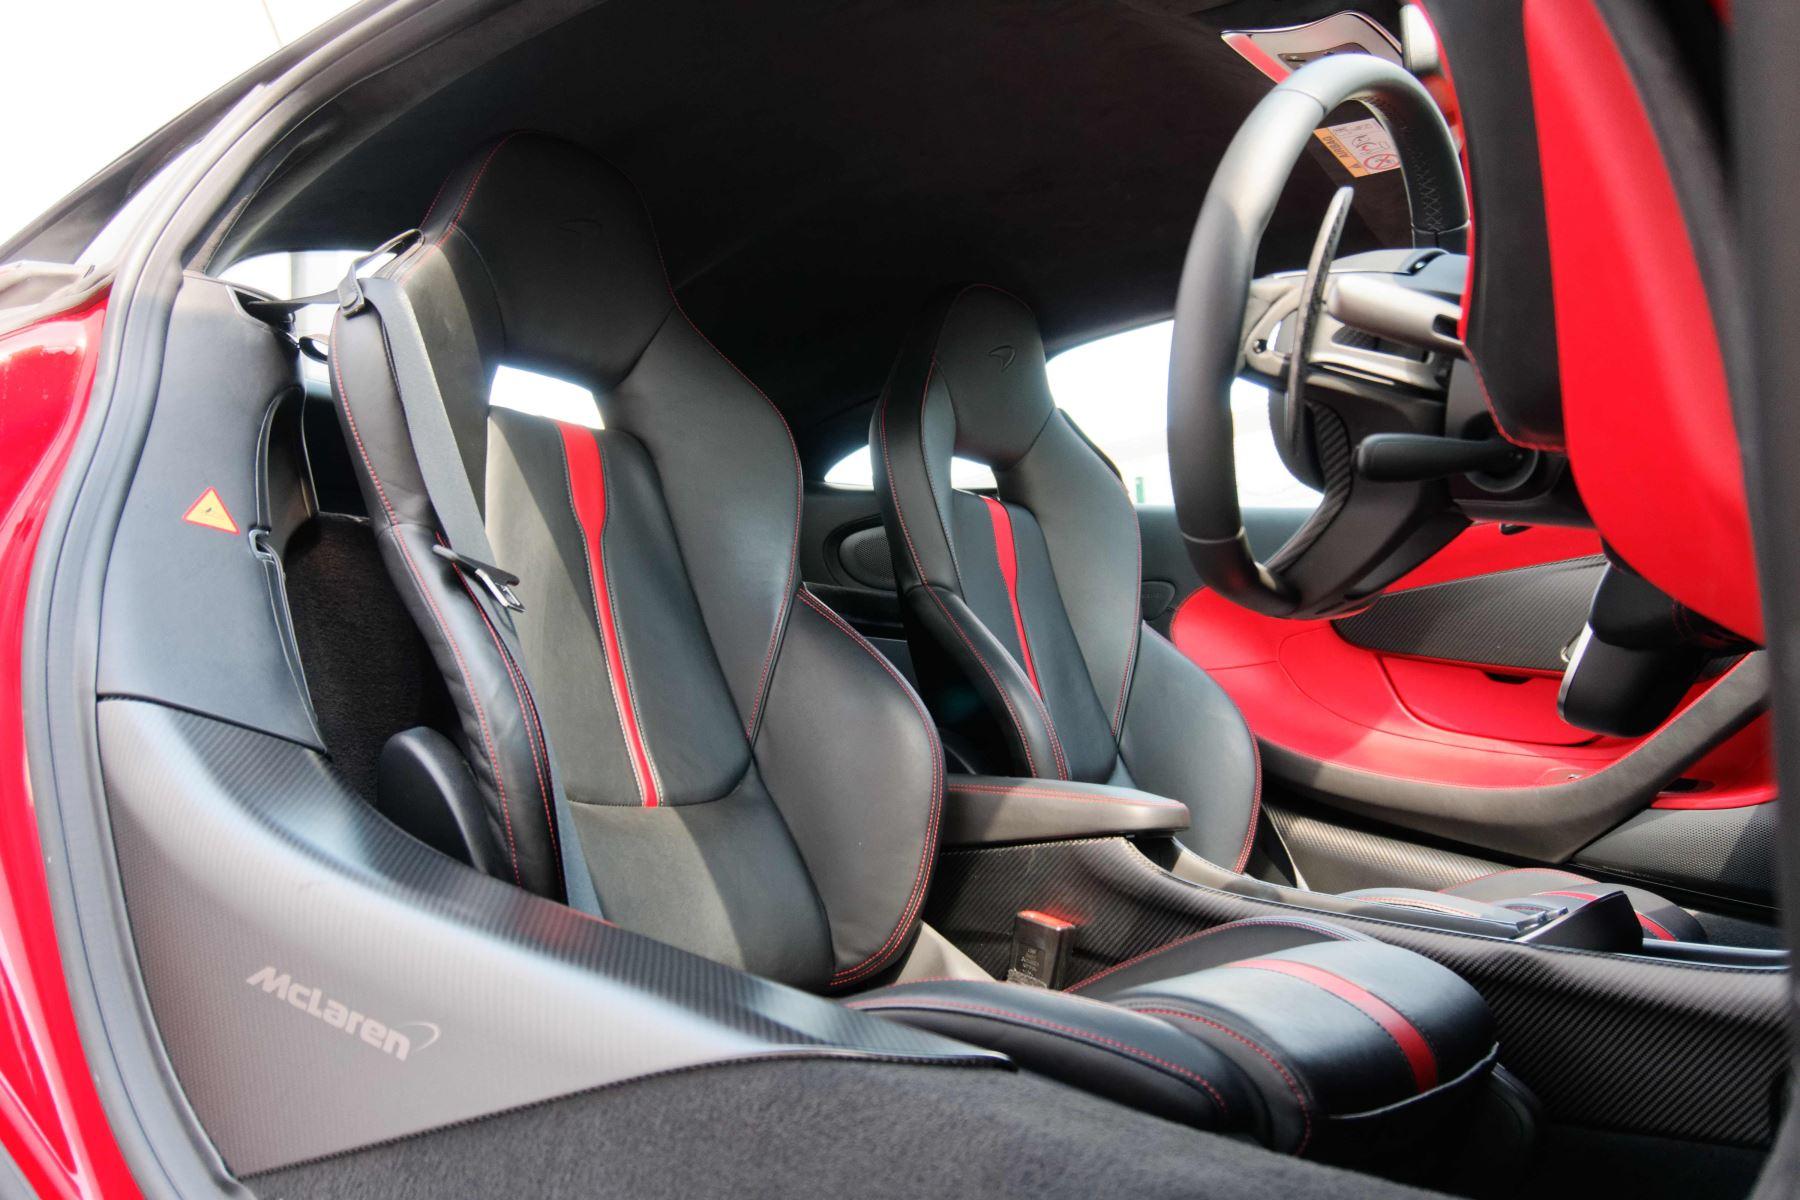 McLaren 570S Coupe SSG image 23